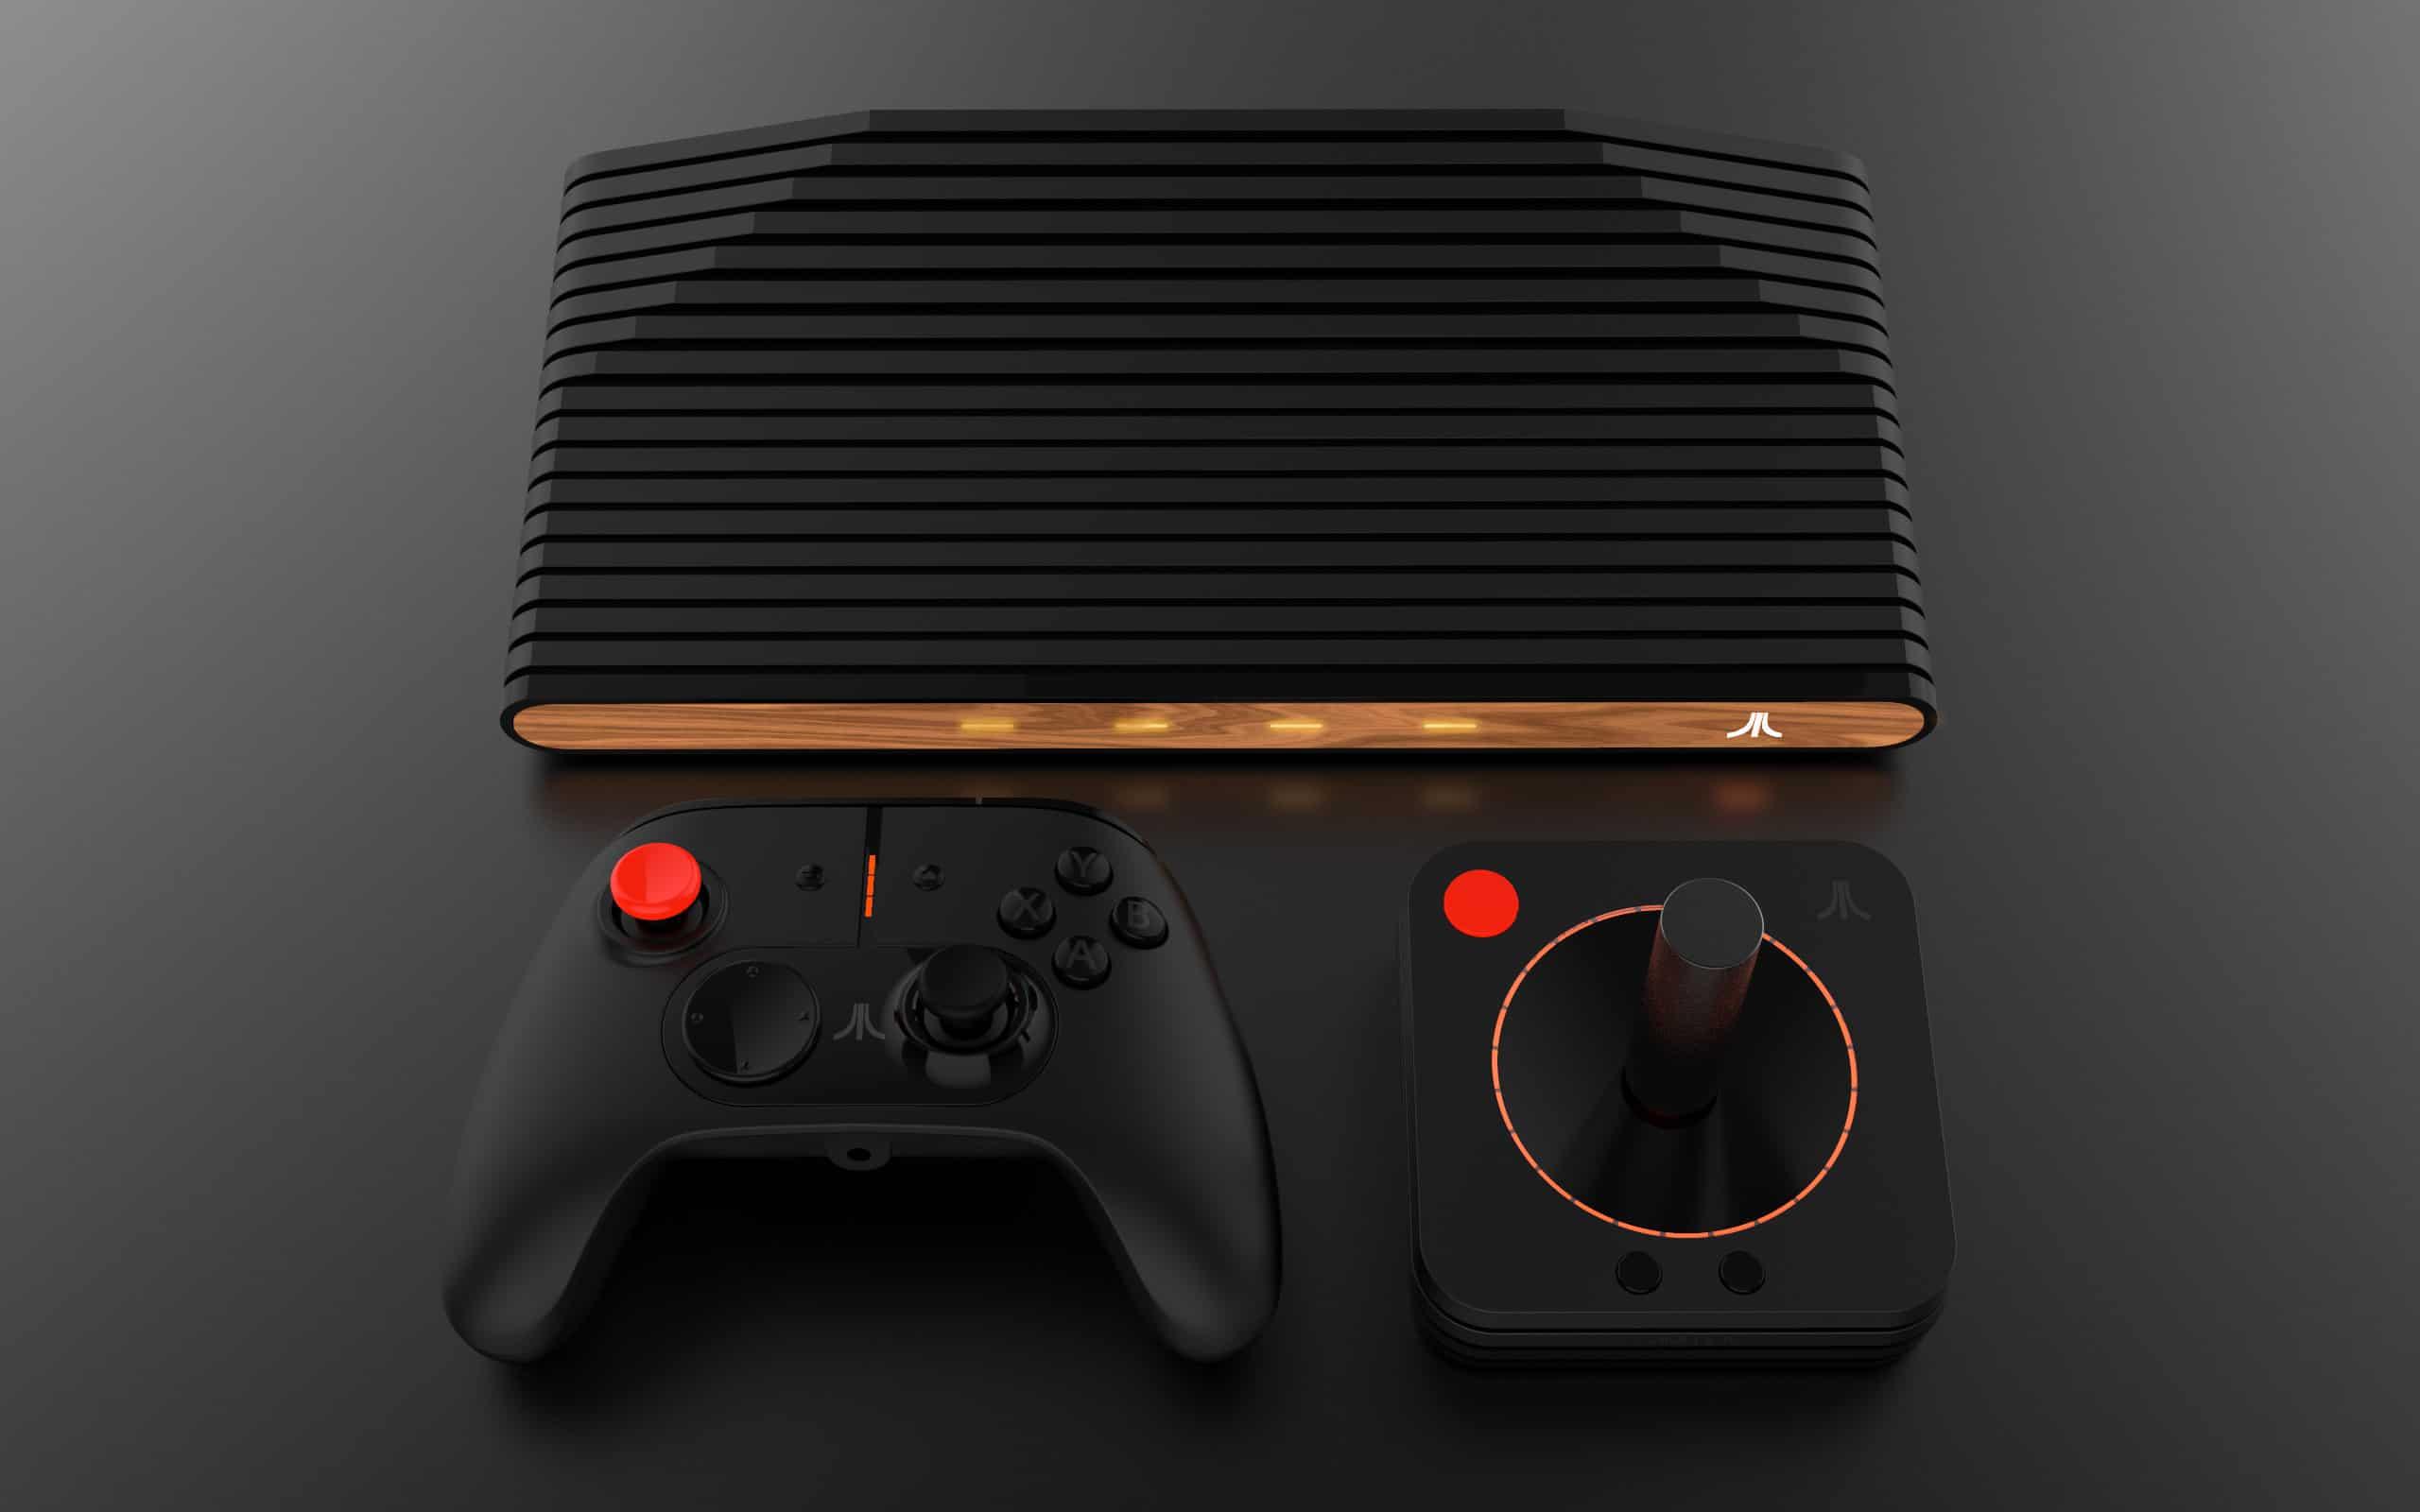 Atari VCS - Ataribox cambia nome e diventa Atari VCS